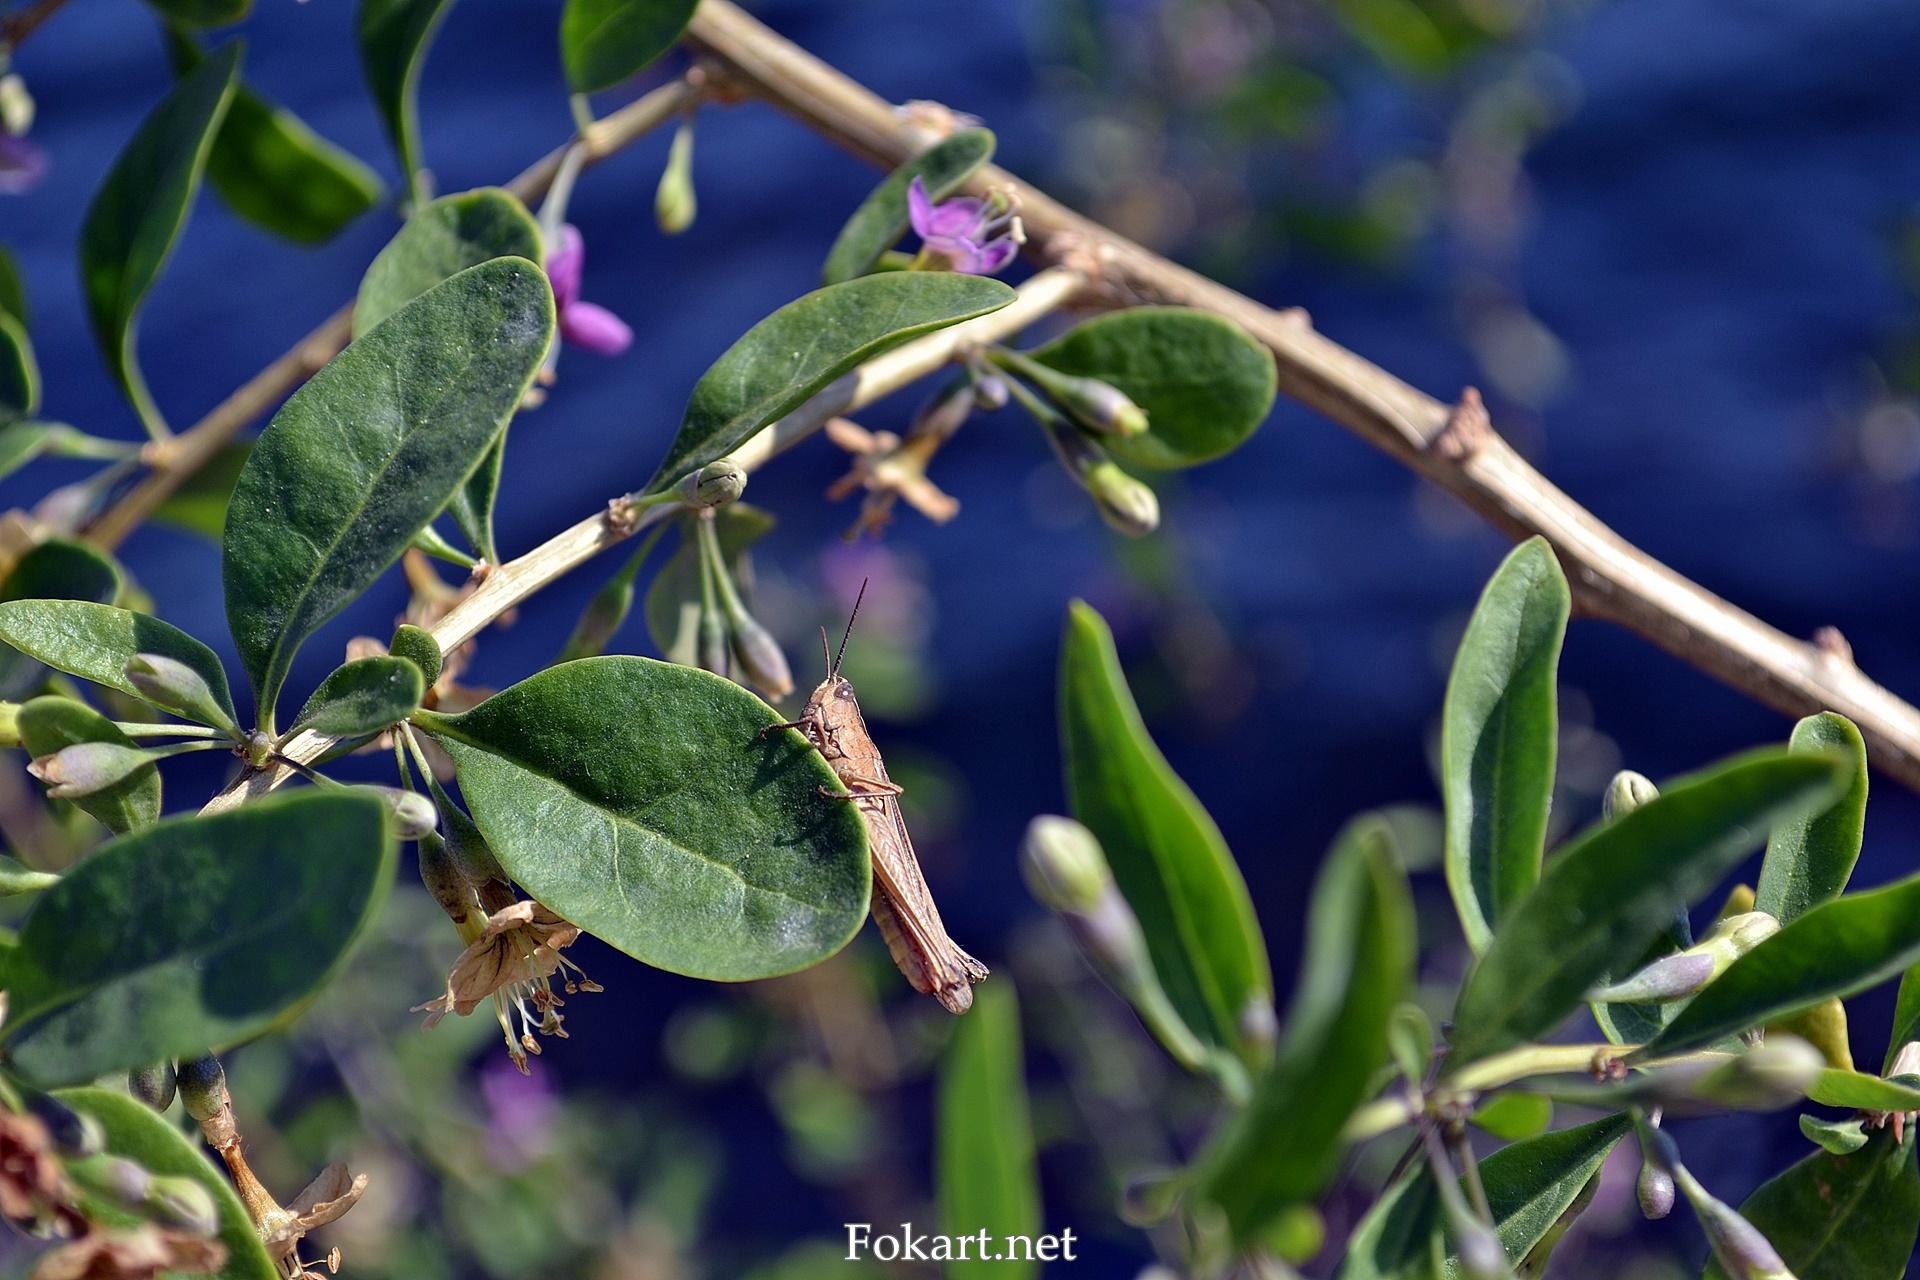 Кузнечик на ветке цветущей дерезы